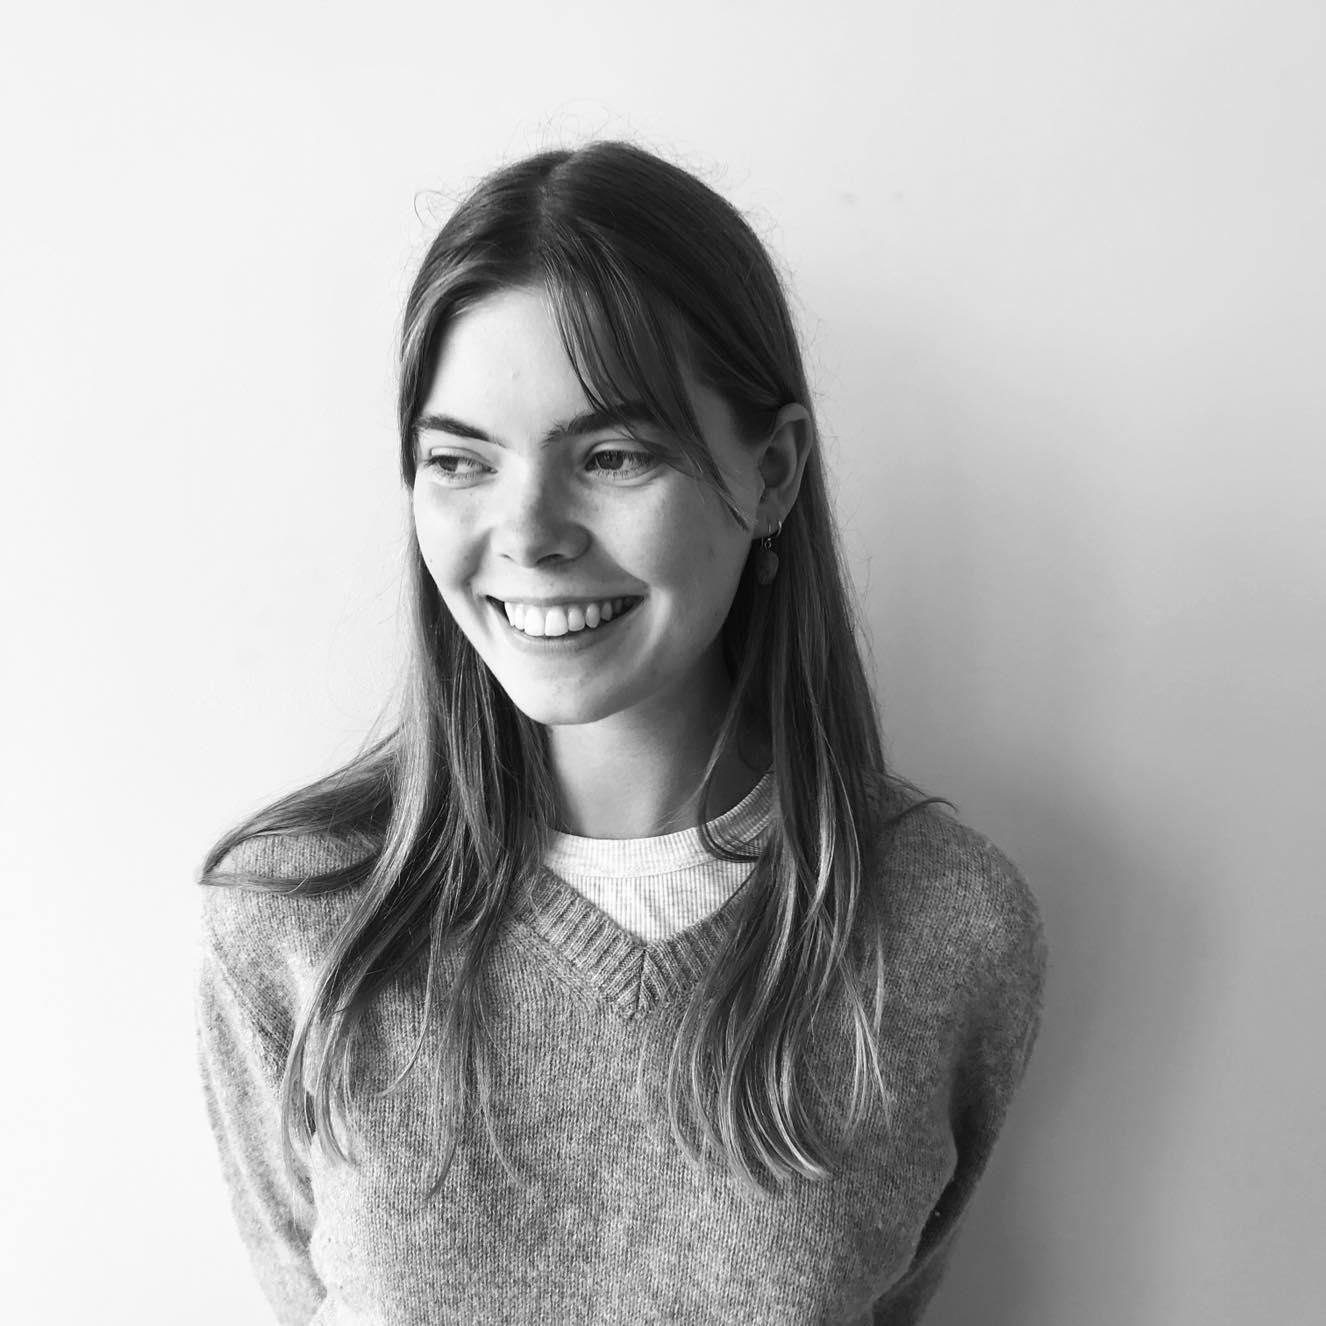 Lindsay Hicks - Flute/Piano/Theory